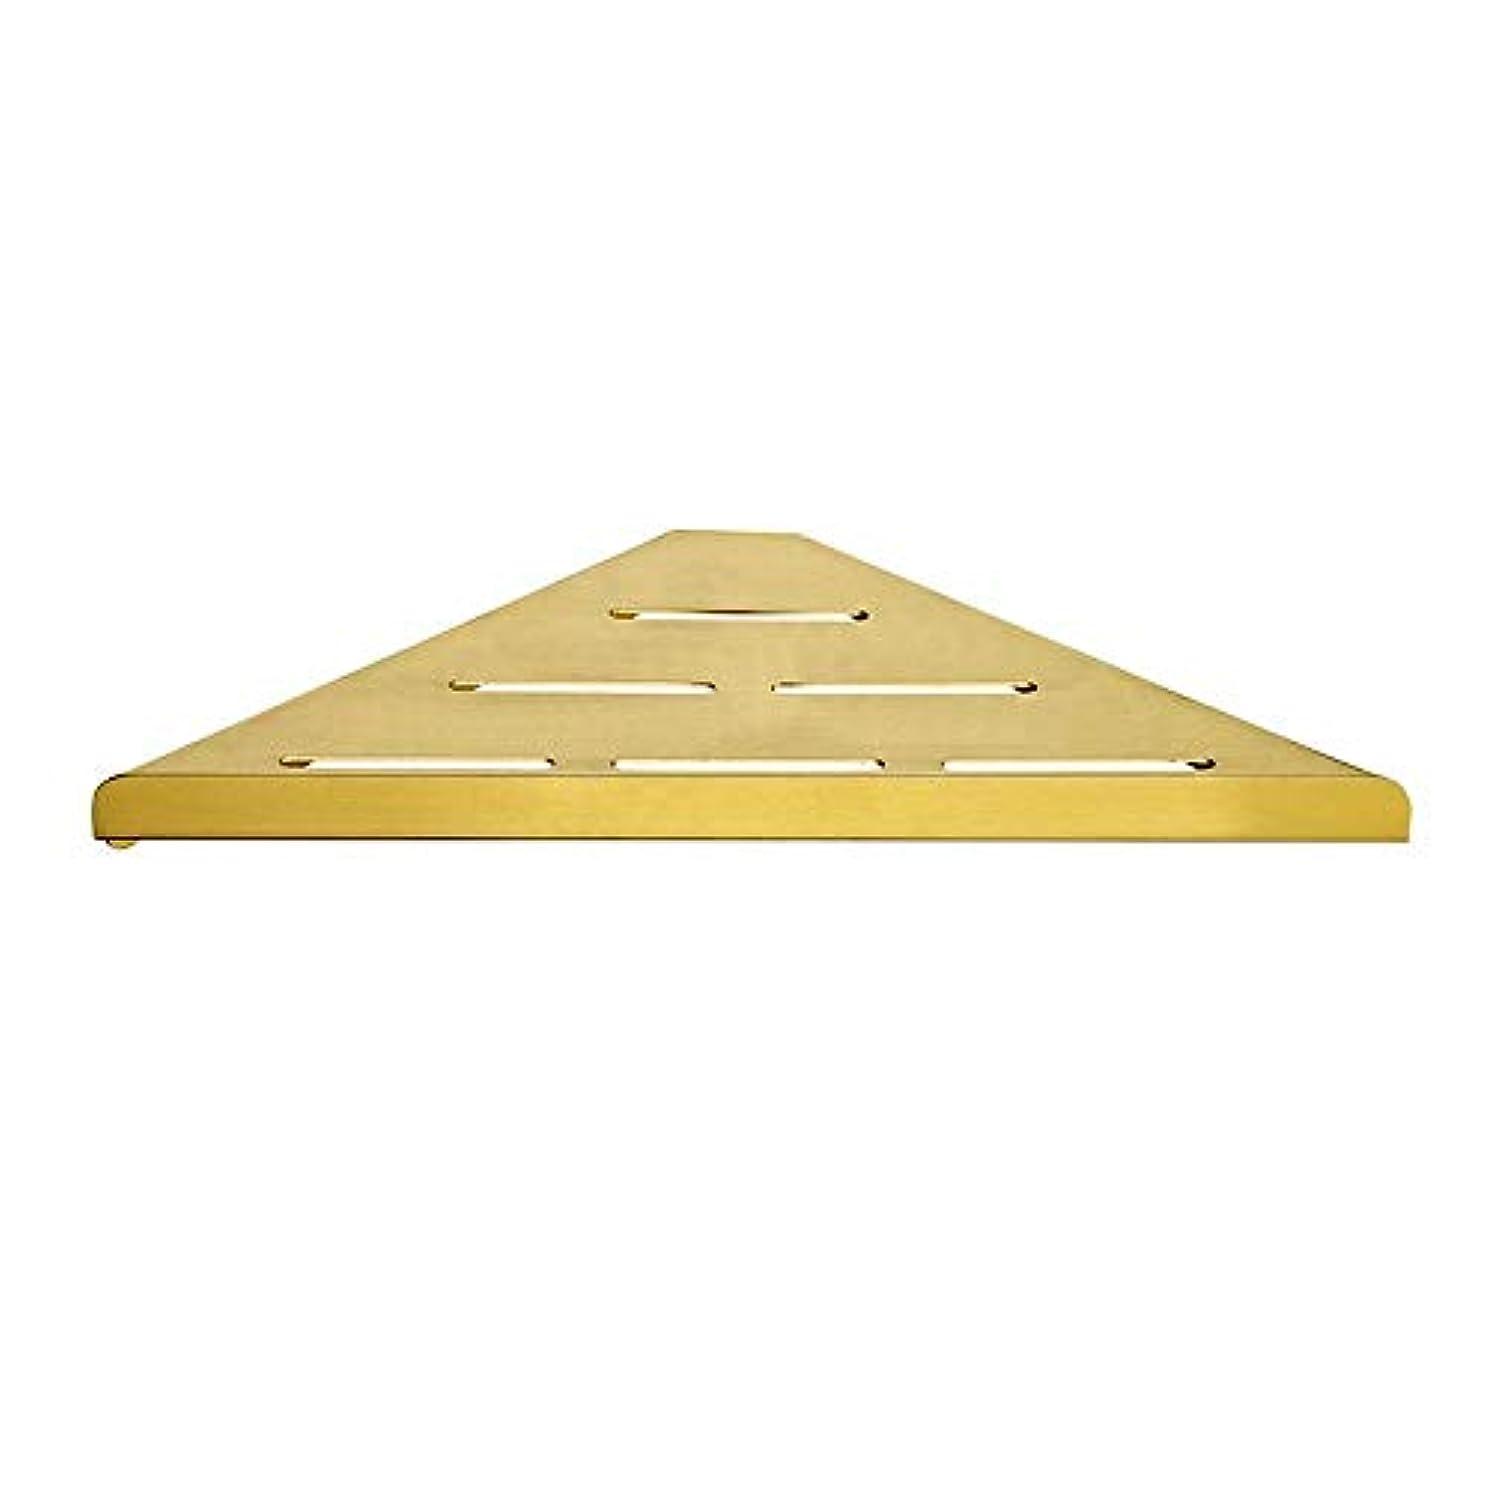 潜水艦に渡って電話するDBCSDの三角形の浴室のコーナーの棚SU 304のステンレス鋼のオルガナイザーのホールダーの贅沢な貯蔵の棚の金の銅のデッサンの隔壁の壁に取り付けられた